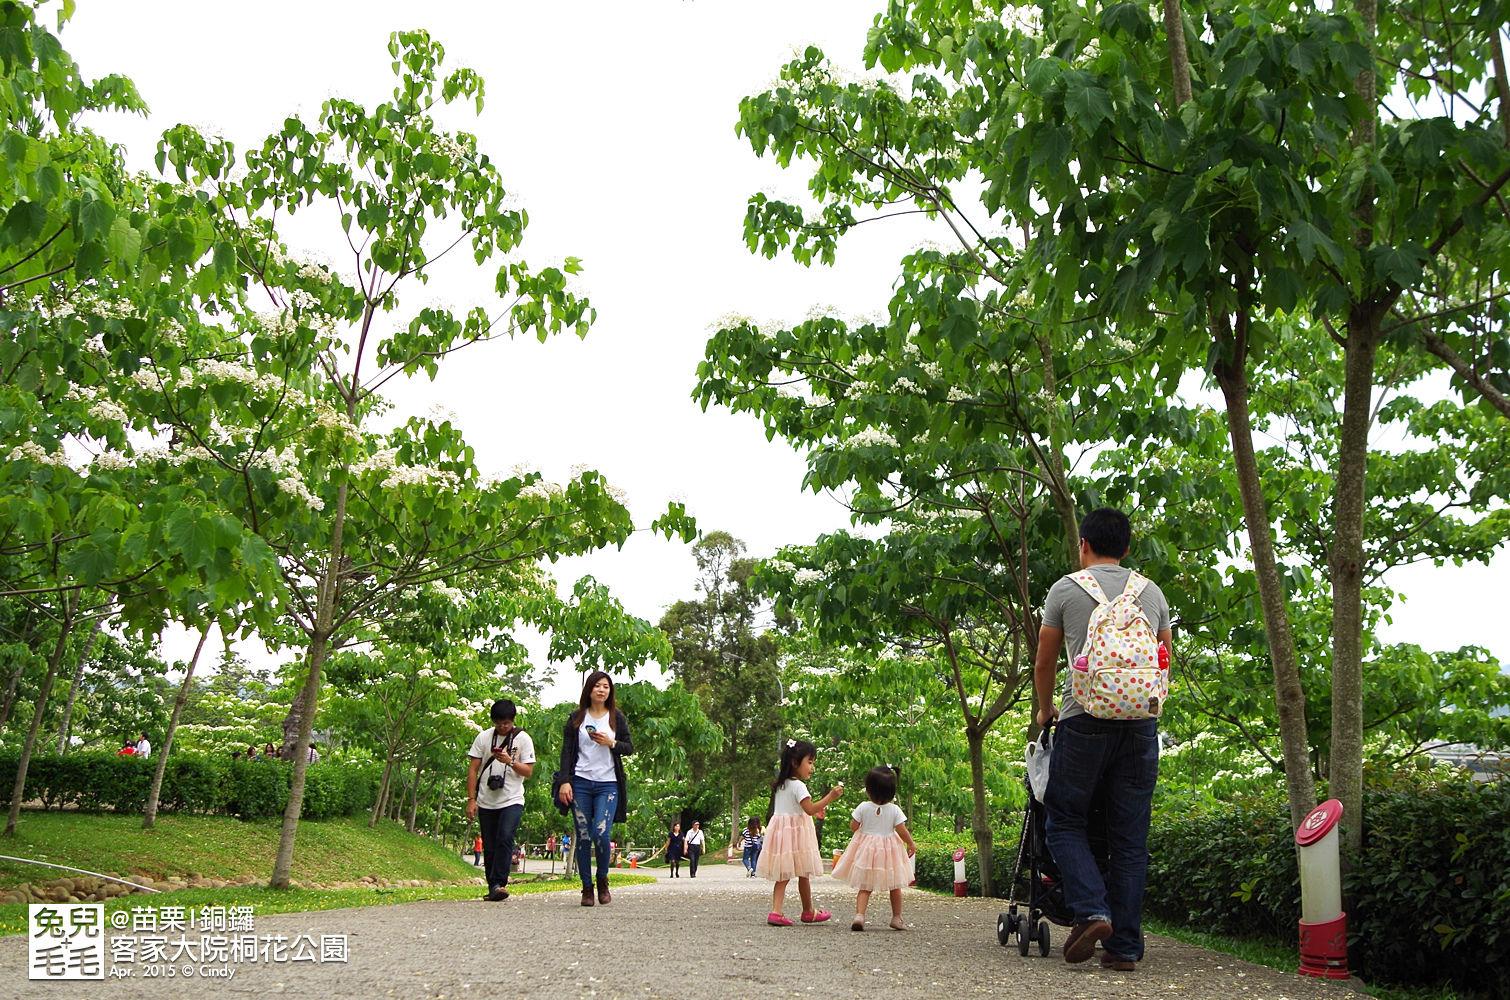 2015-0420-客家大院賞桐花-34.jpg